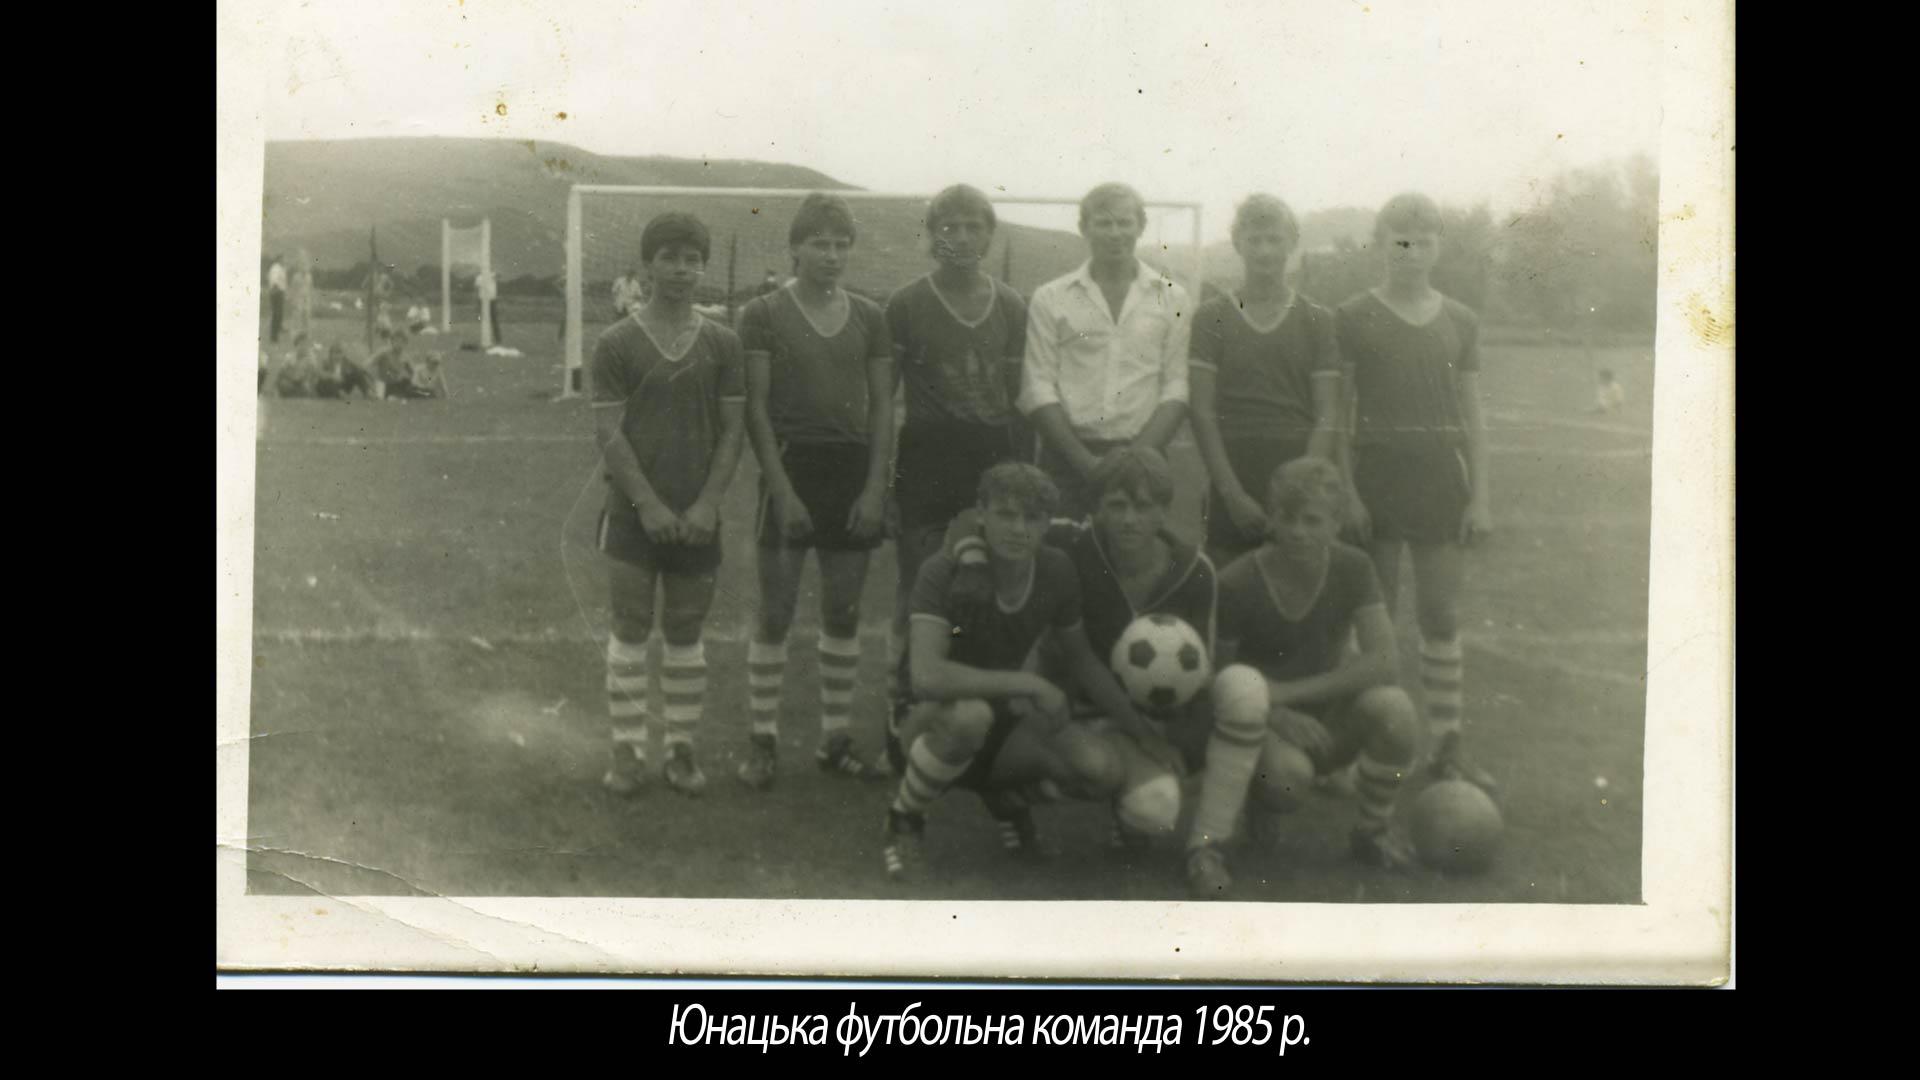 Юнацька футбольна команда 1985 р.